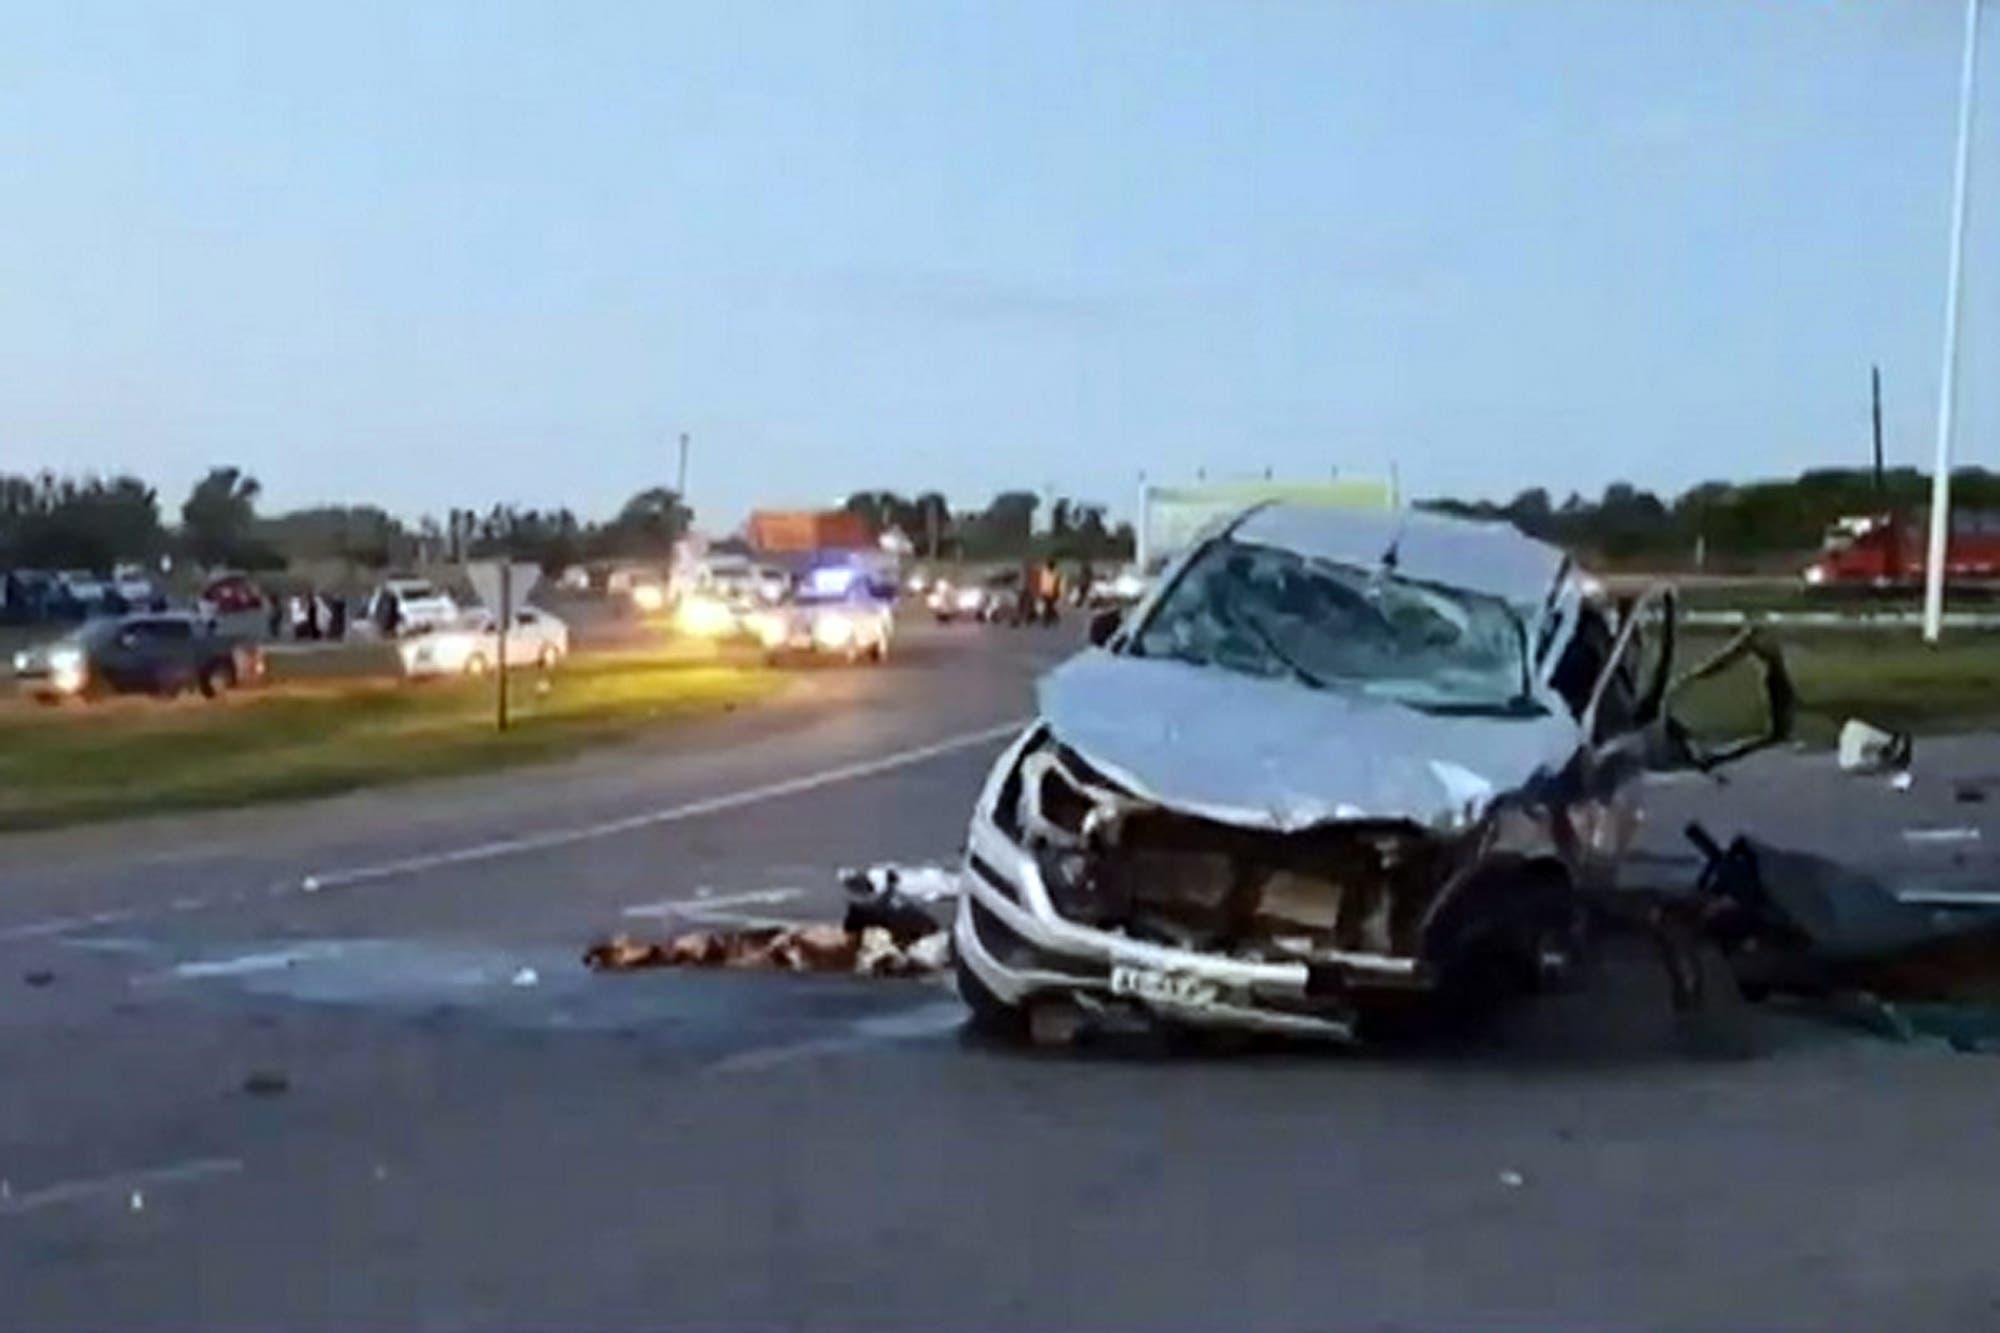 Choque fatal en Areco entre un camión y una camioneta: al menos 8 muertos